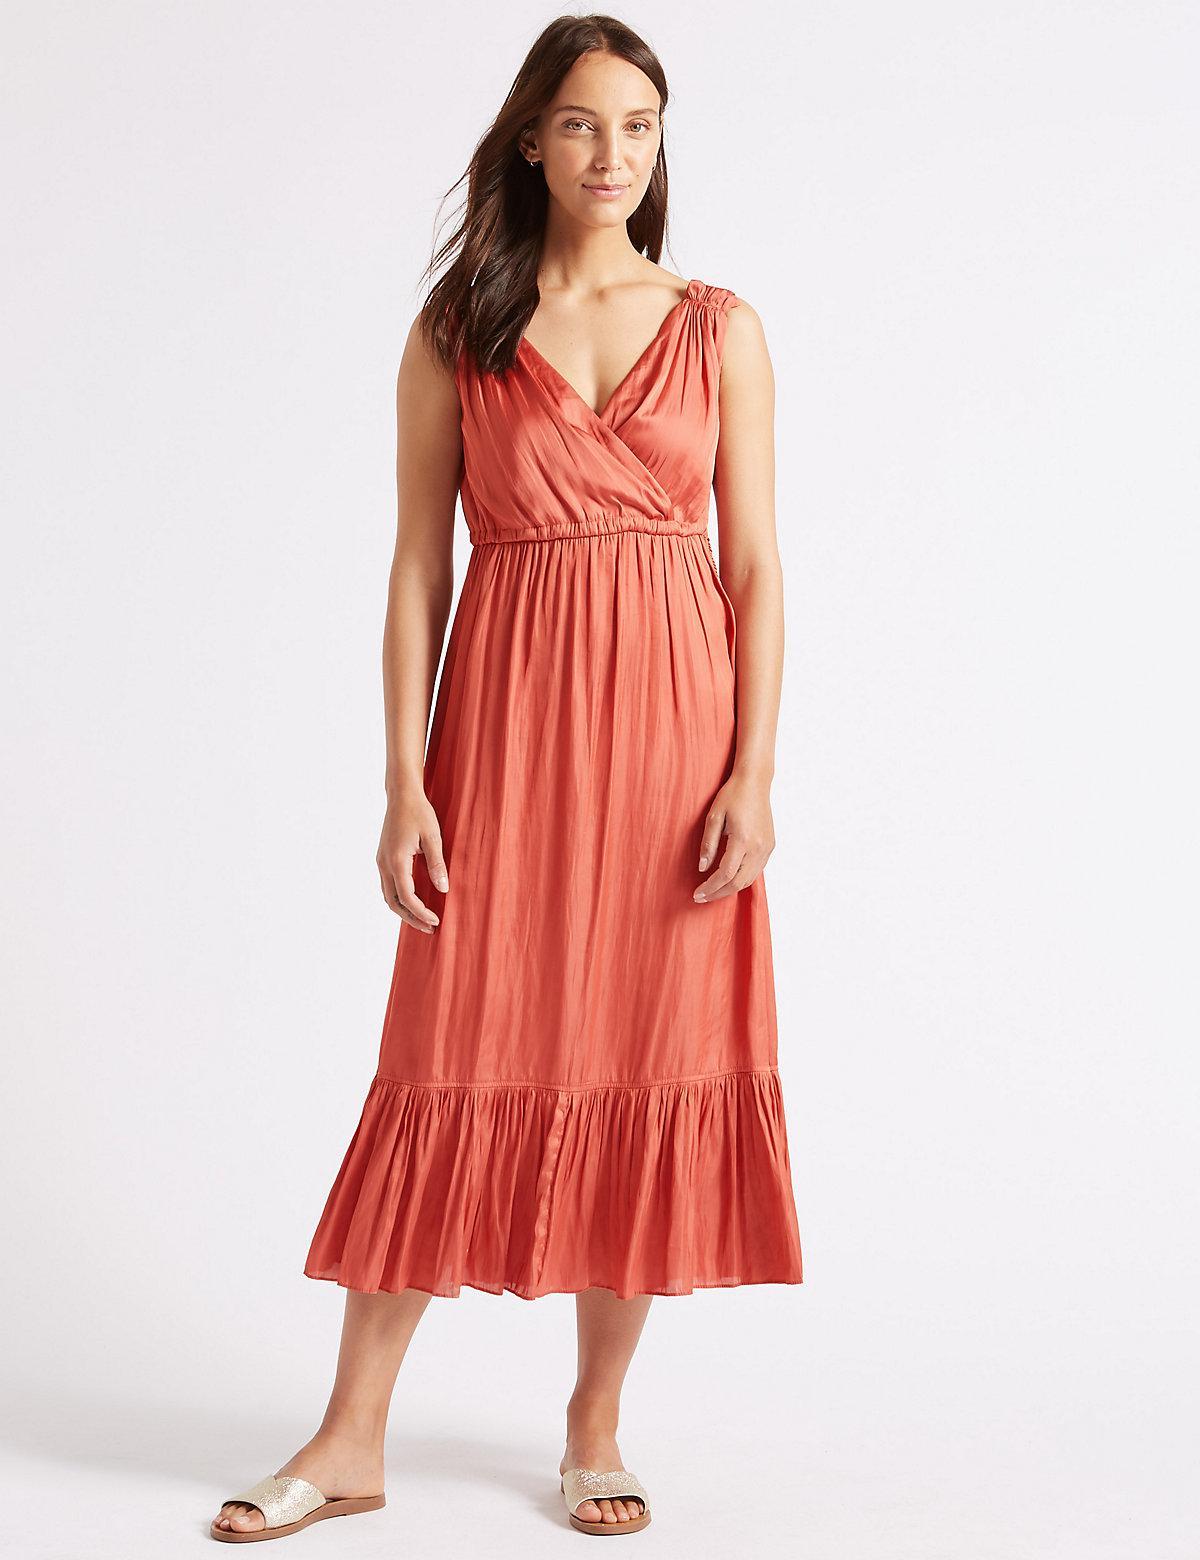 Lyst - Marks & Spencer Satin Tiered Slip Midi Dress in Orange